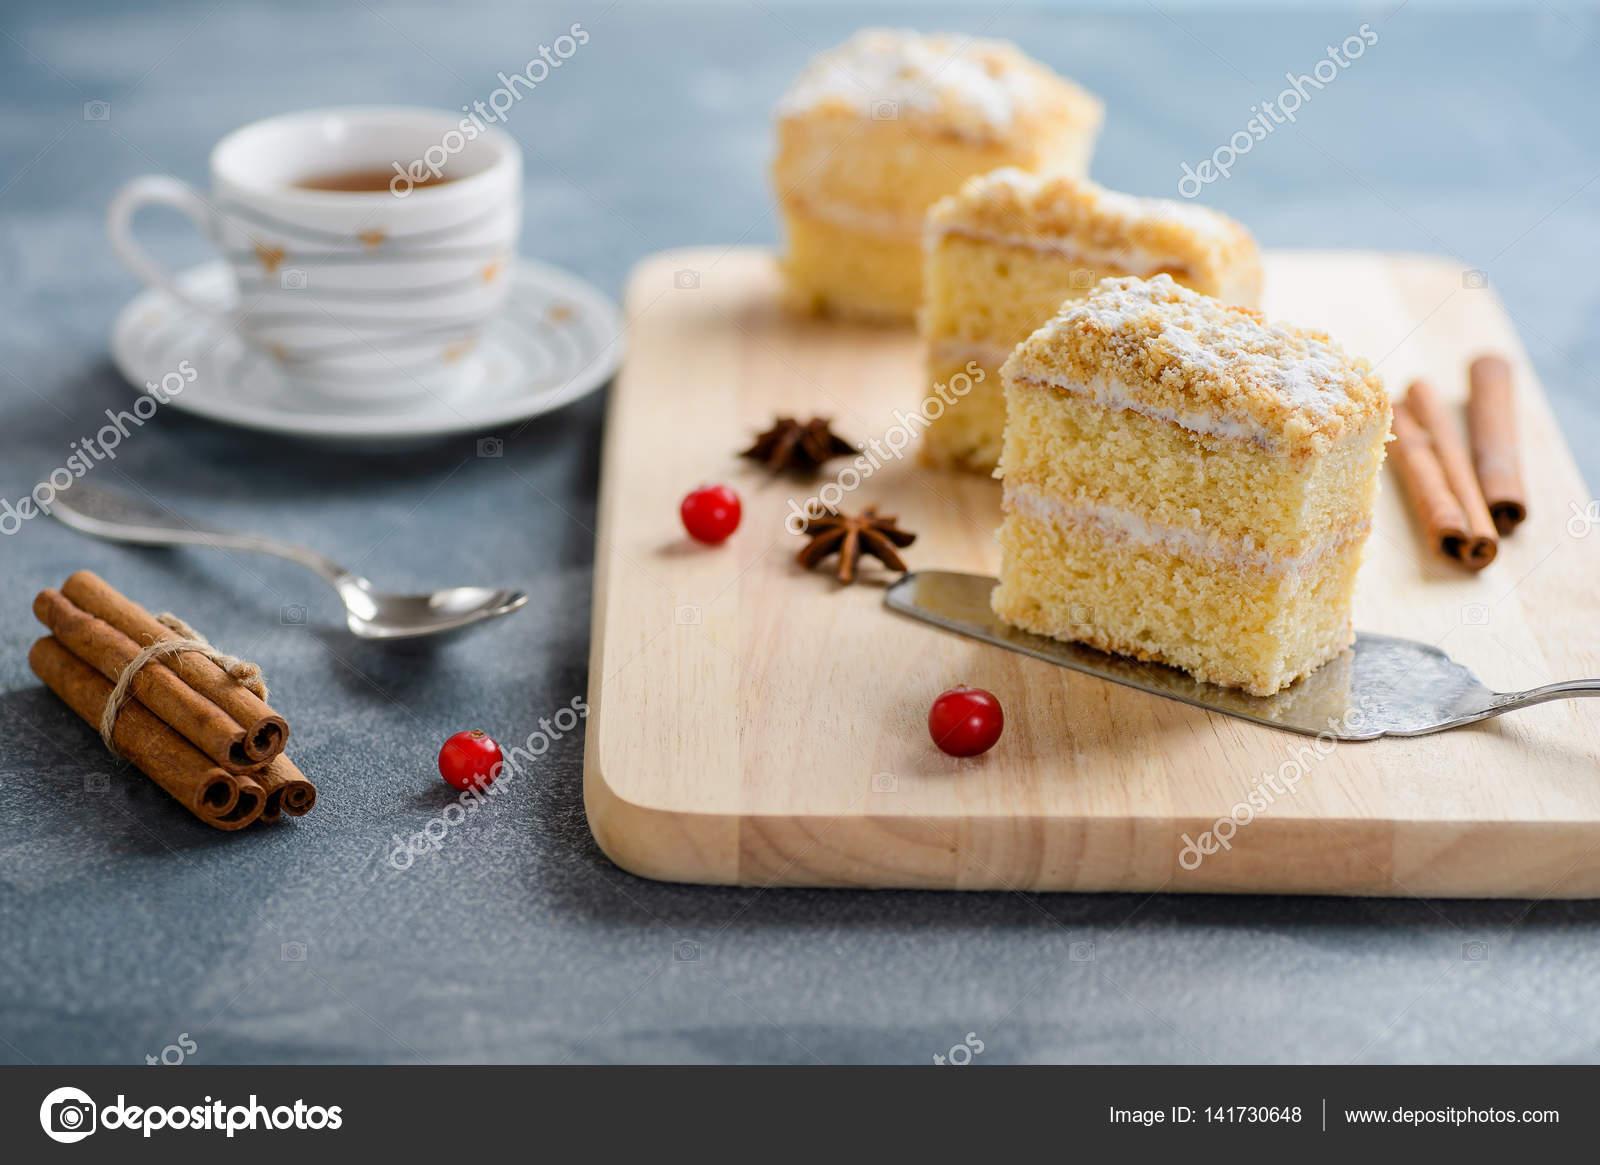 Kızılcıklı pasta tarifi